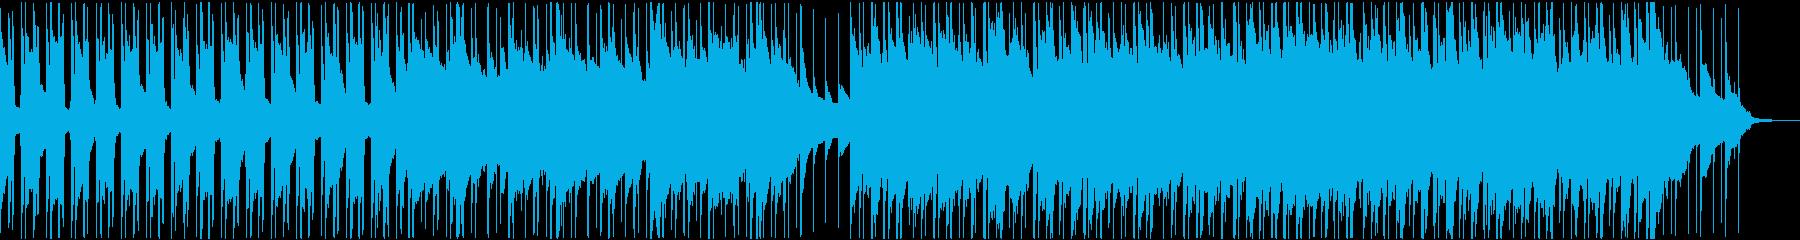 明るくて前向きなわくわくする曲の再生済みの波形